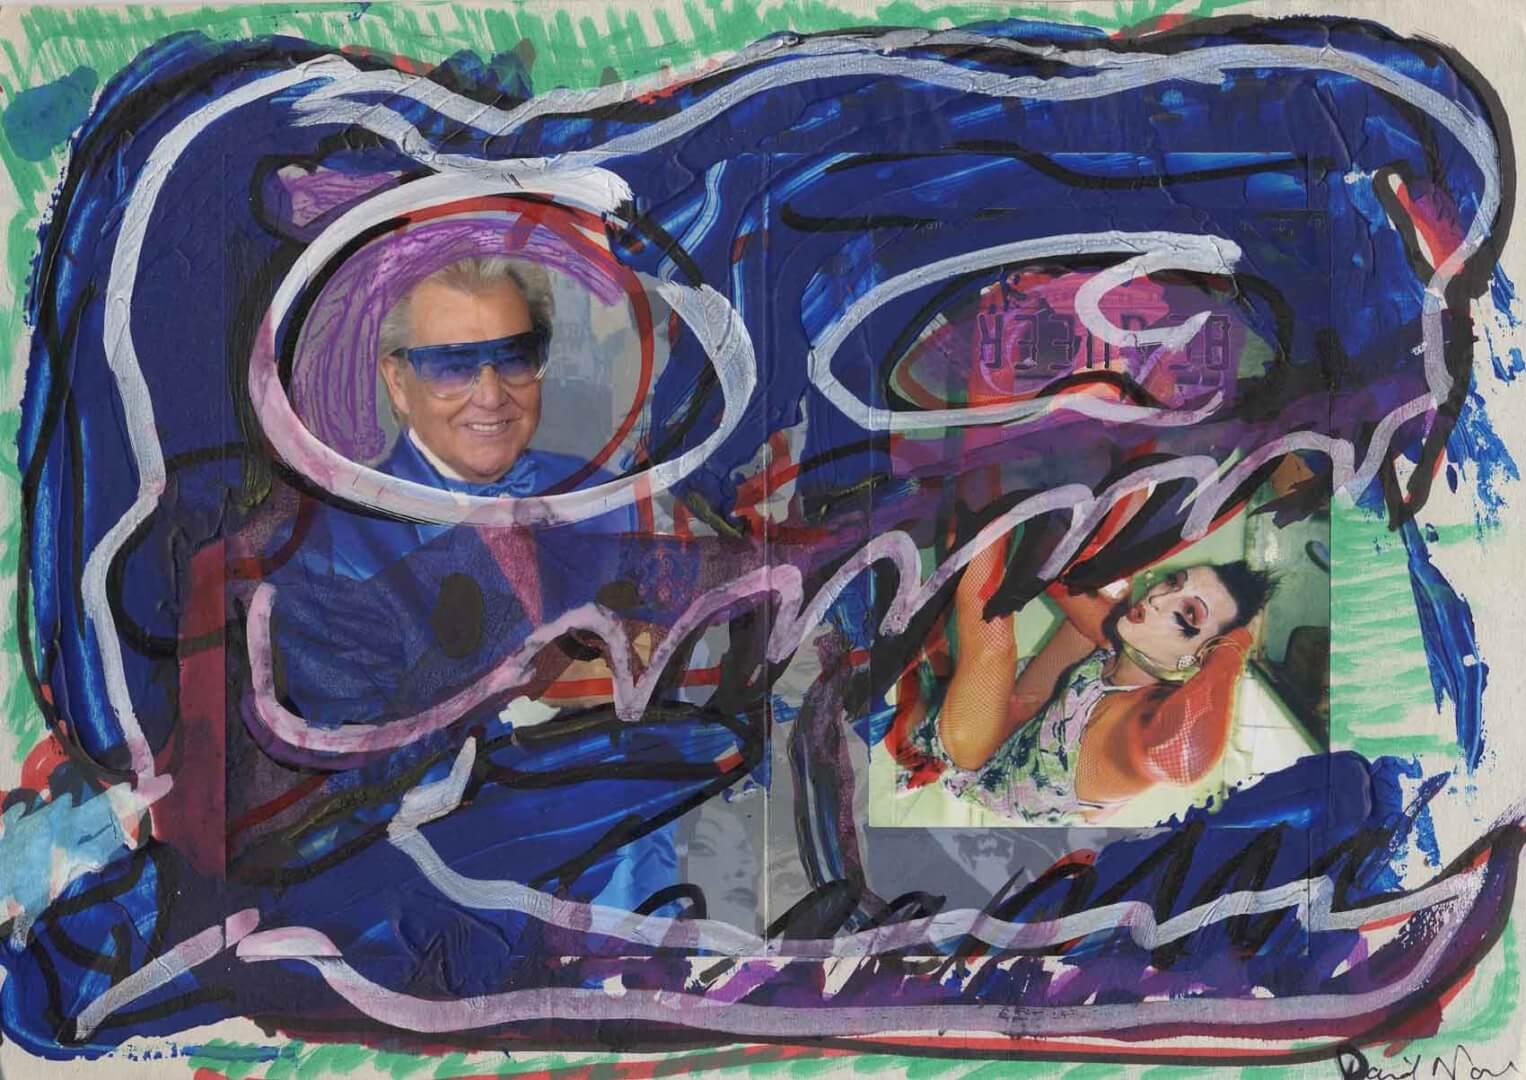 Jurassique Michou © David Noir | Dessins, peintures, collages